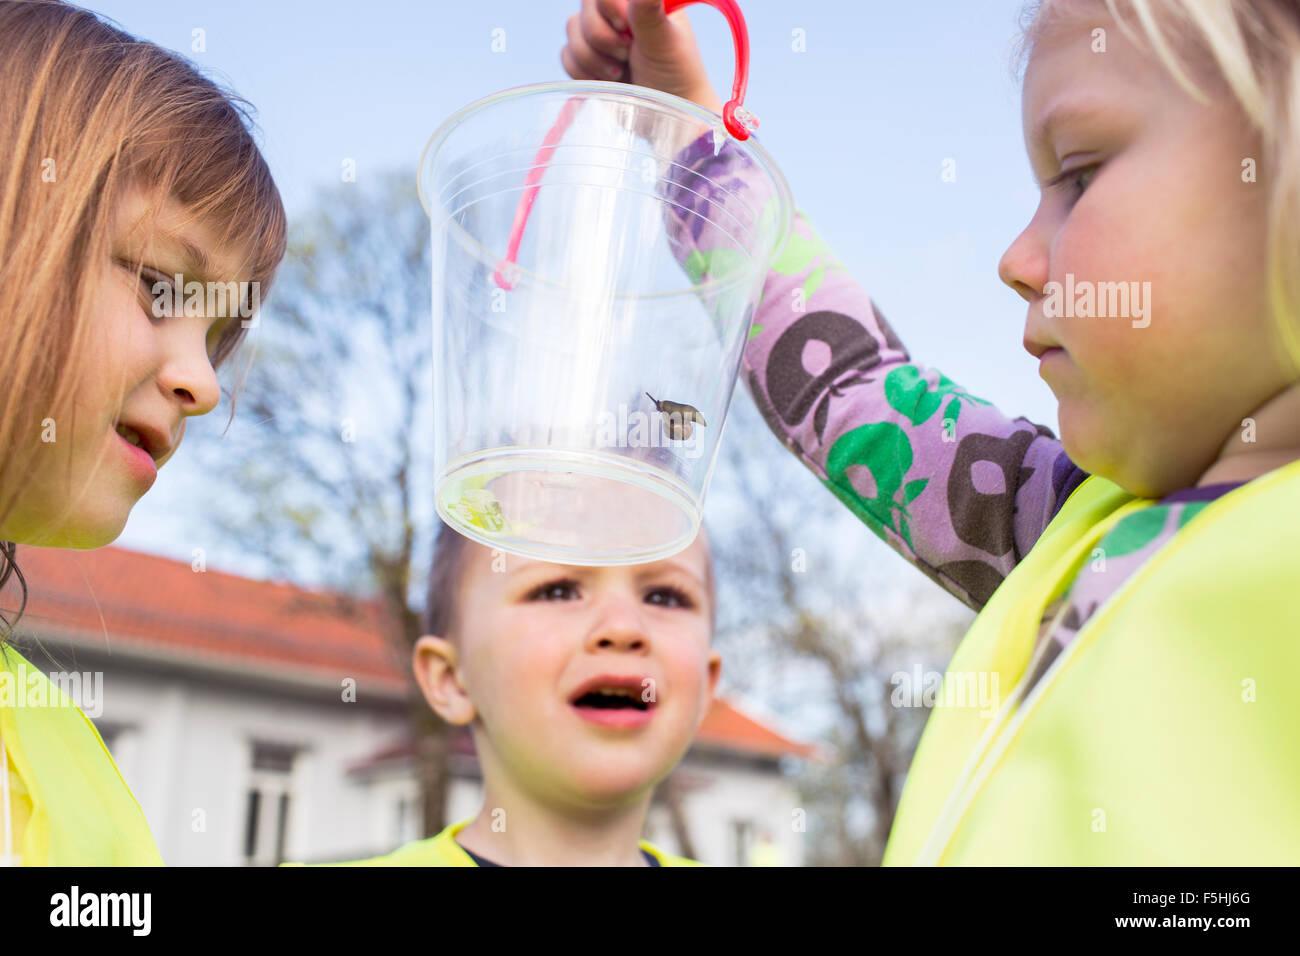 Suecia, Vastergotland, Olofstorp, Bergum, niños de kinder (2-3, 4-5) El aprendizaje al aire libre Imagen De Stock